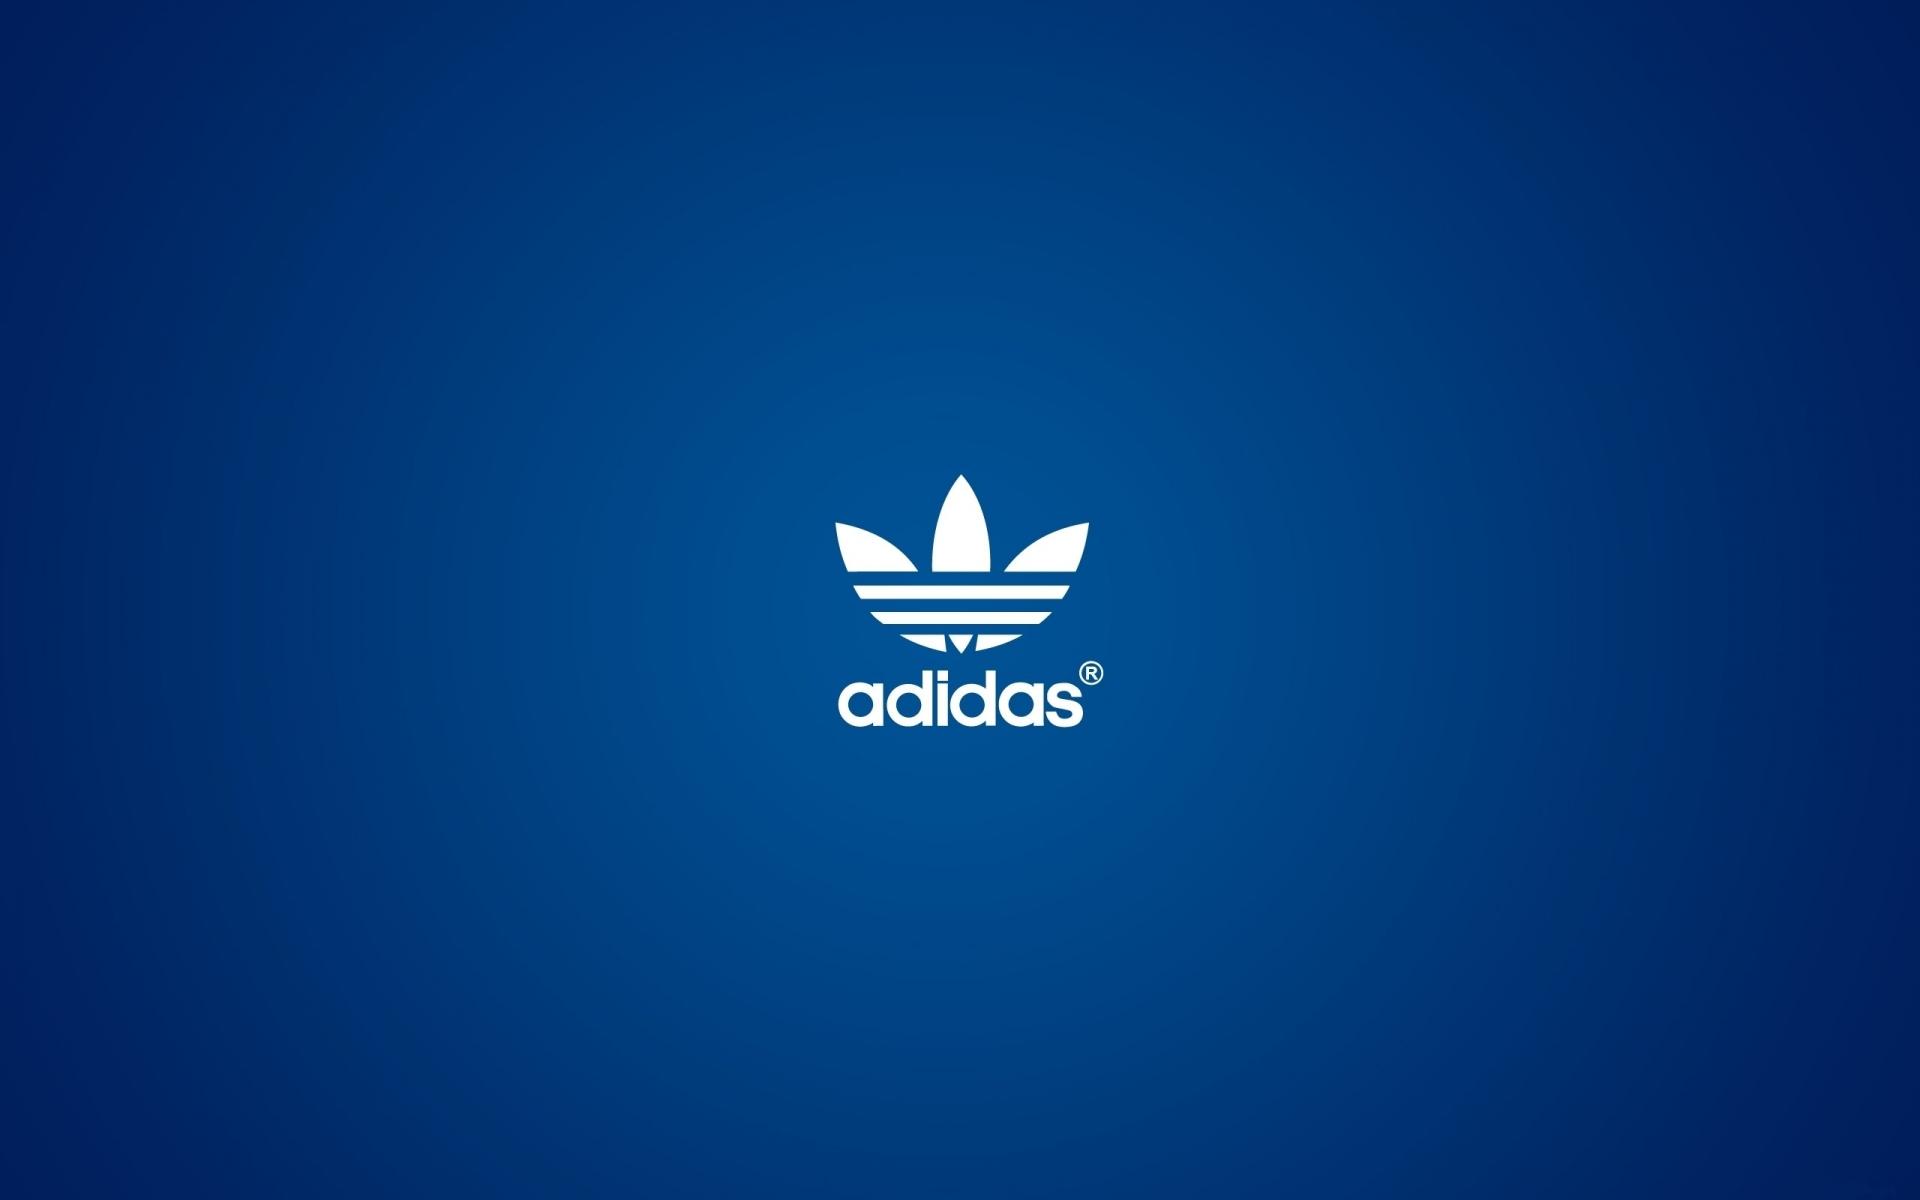 Adidas 2013 - 1920x1200